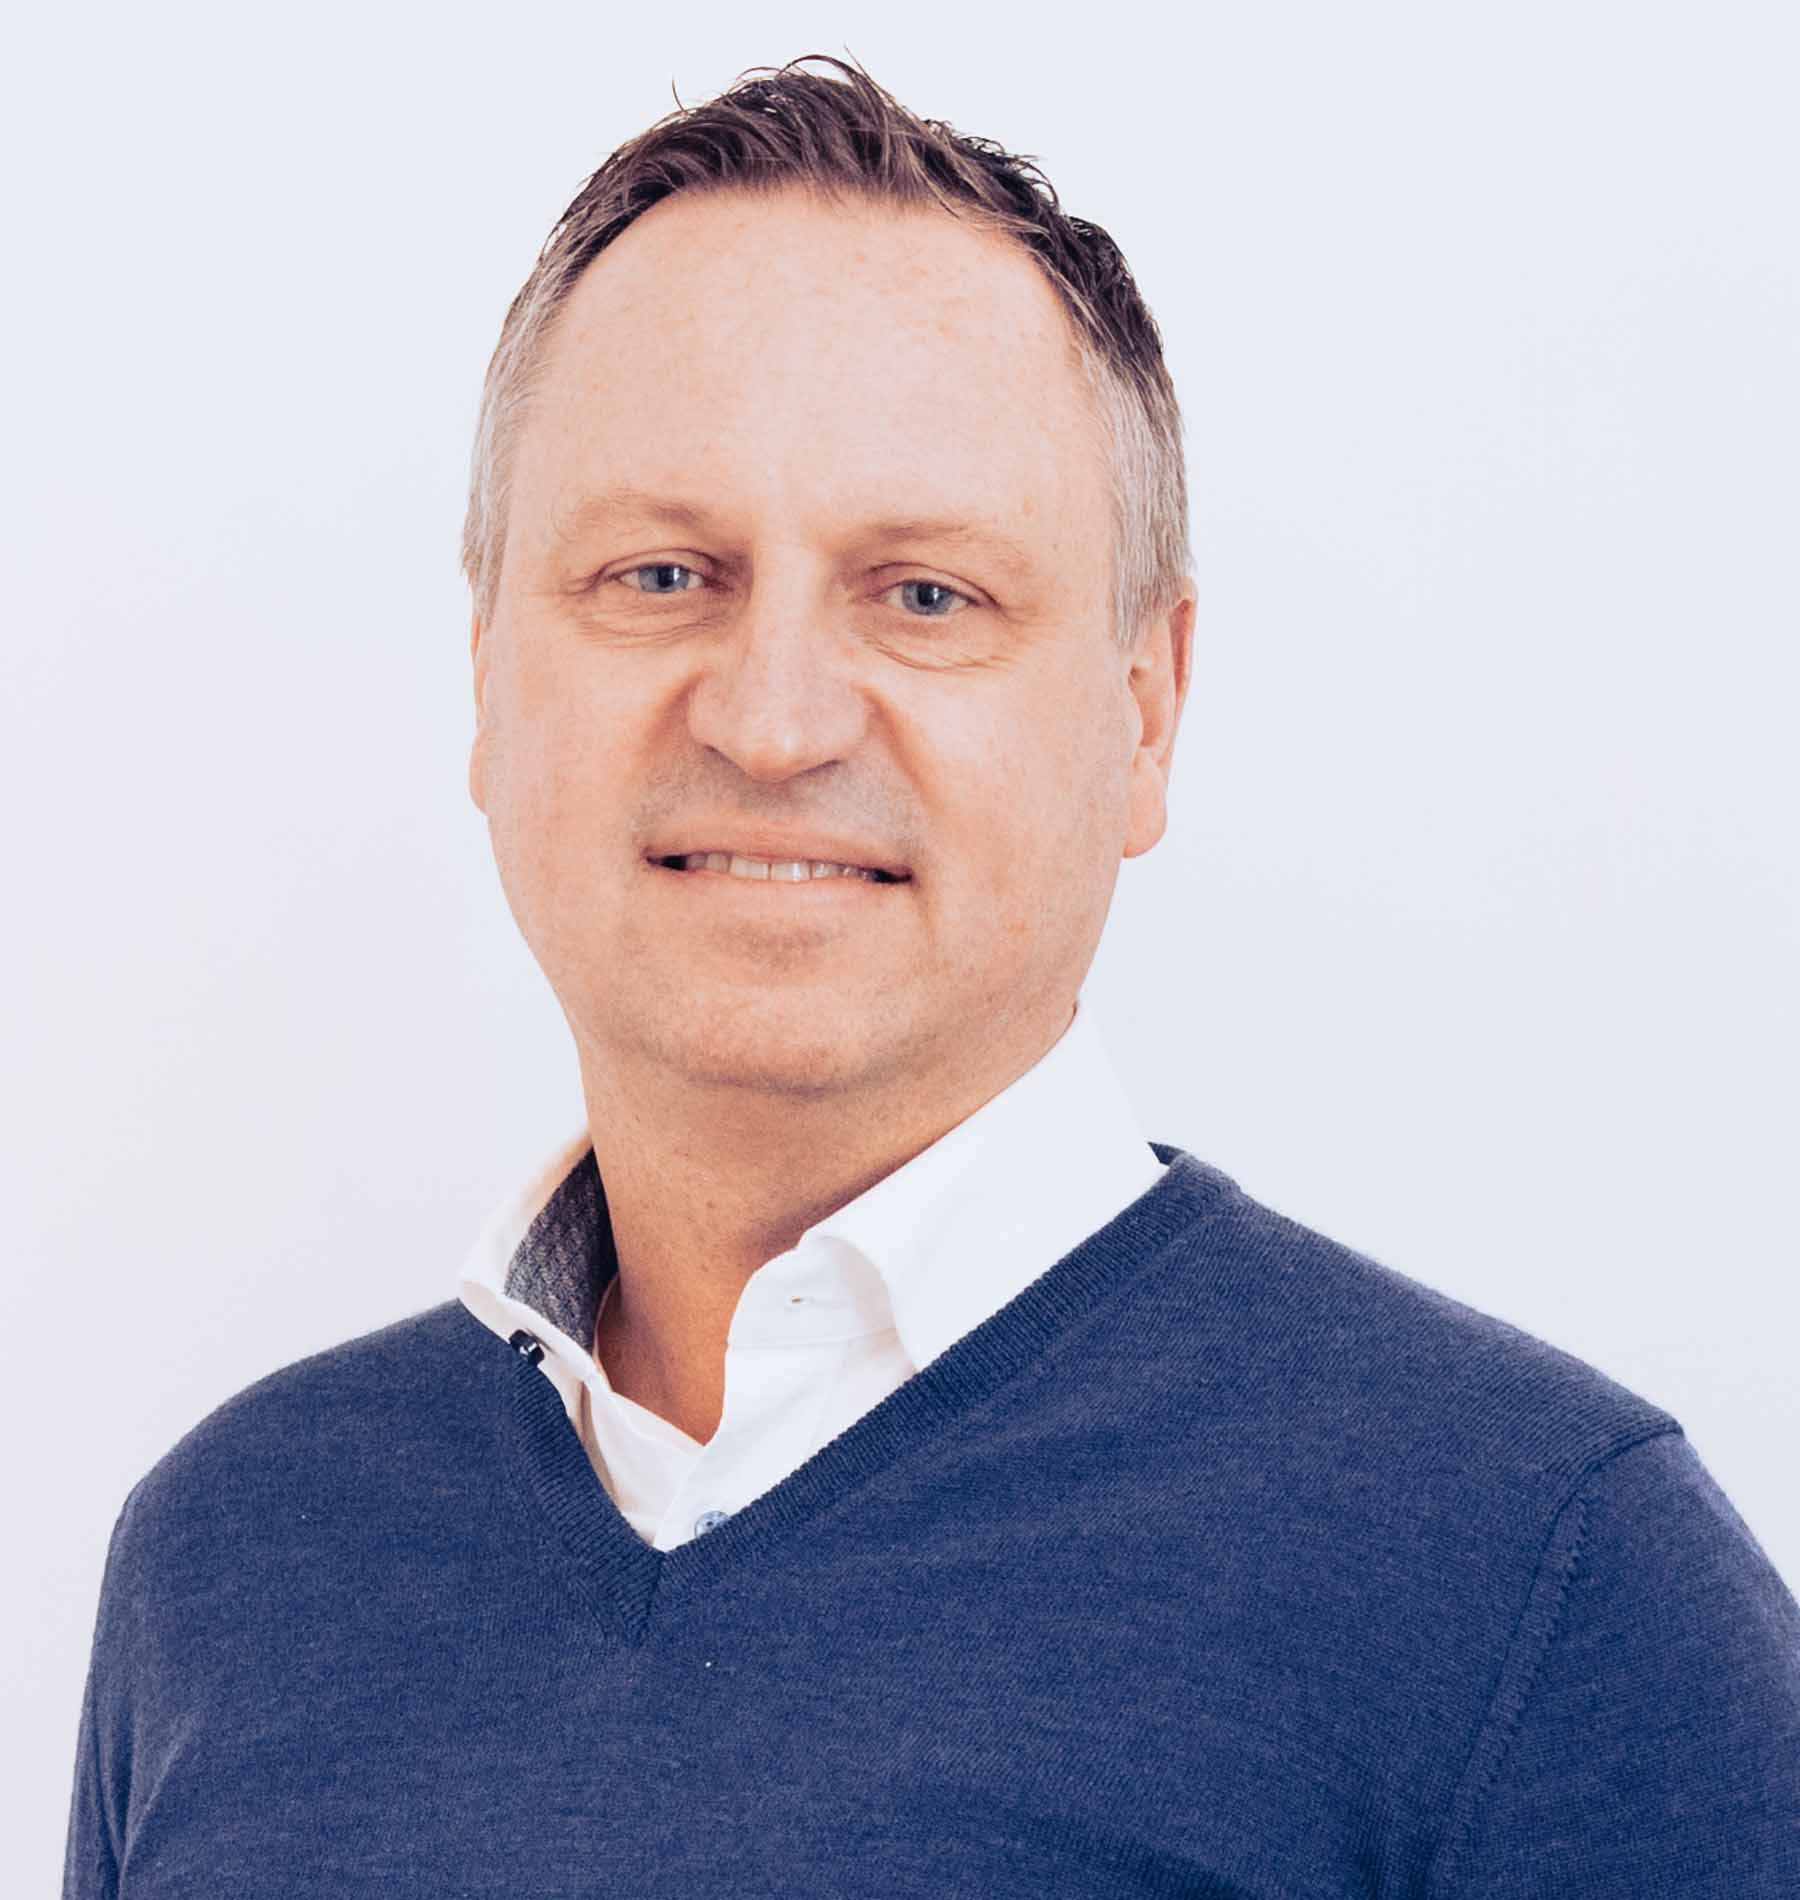 Henrik Ekman